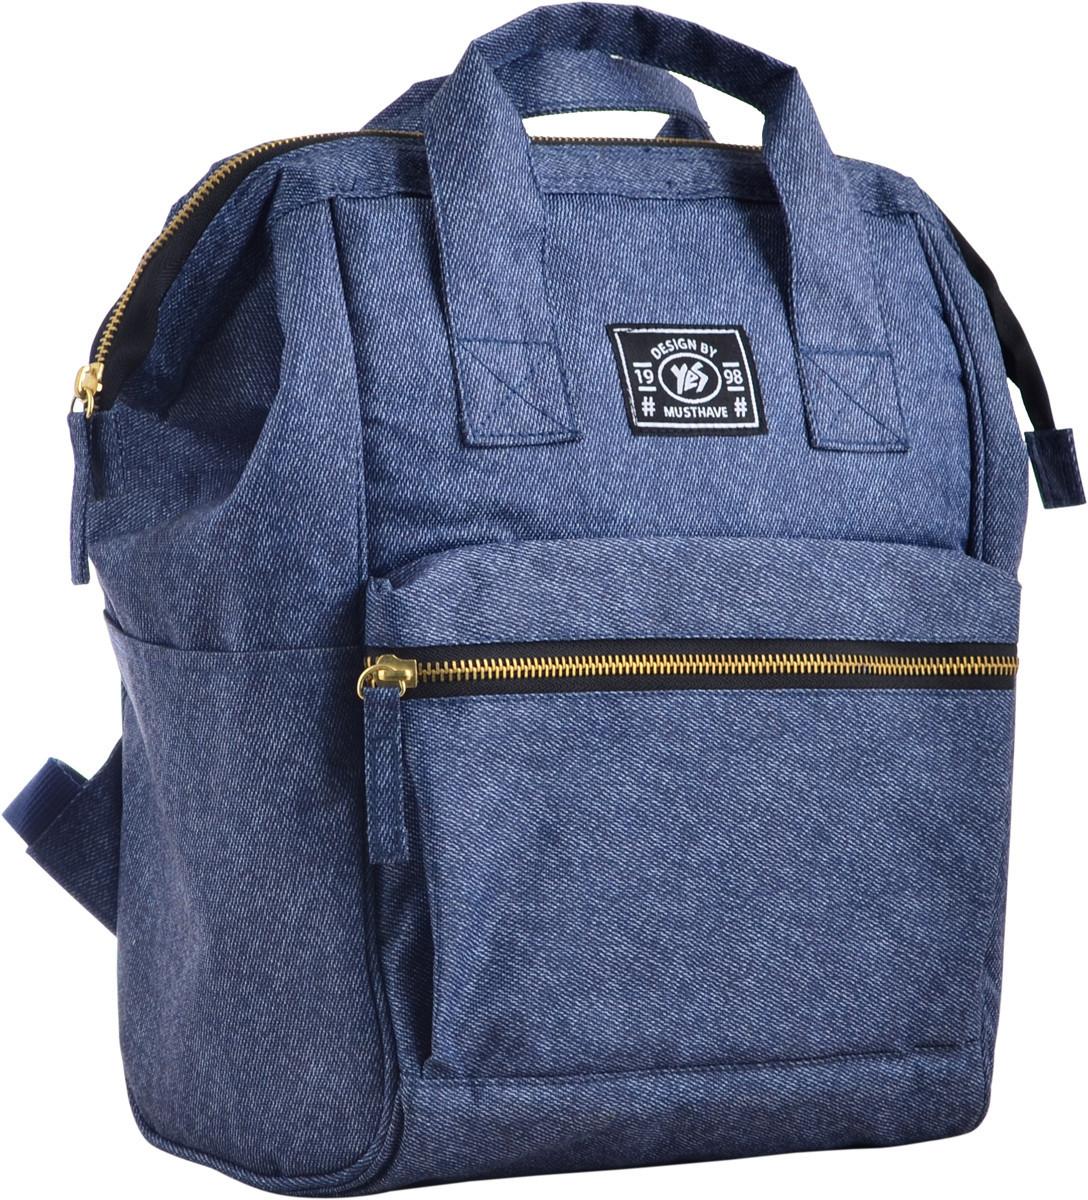 Рюкзак підлітковий ST-19 Jeans, 28.5*22*19